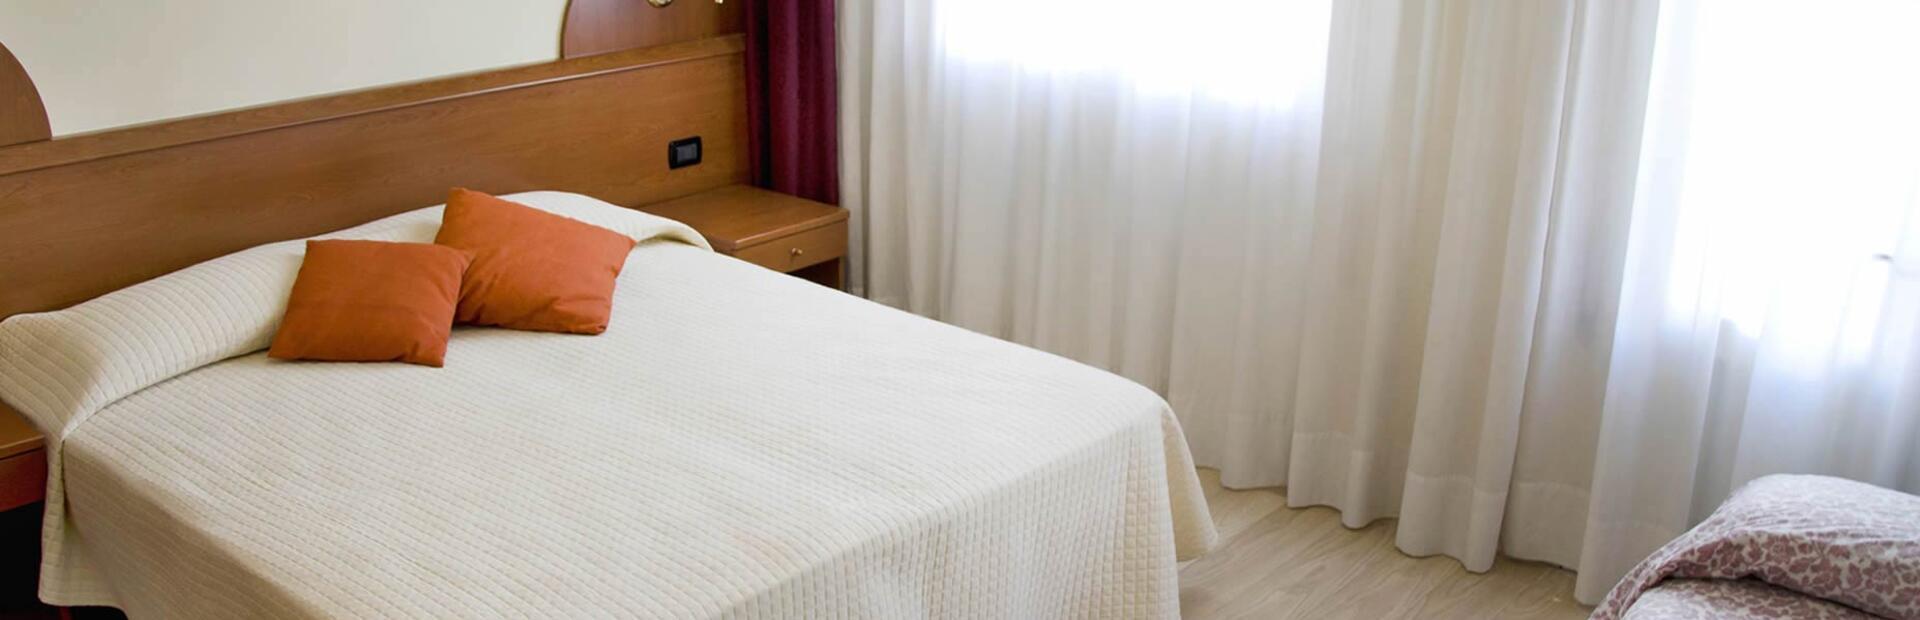 hotel-sole en triple-rooms 001